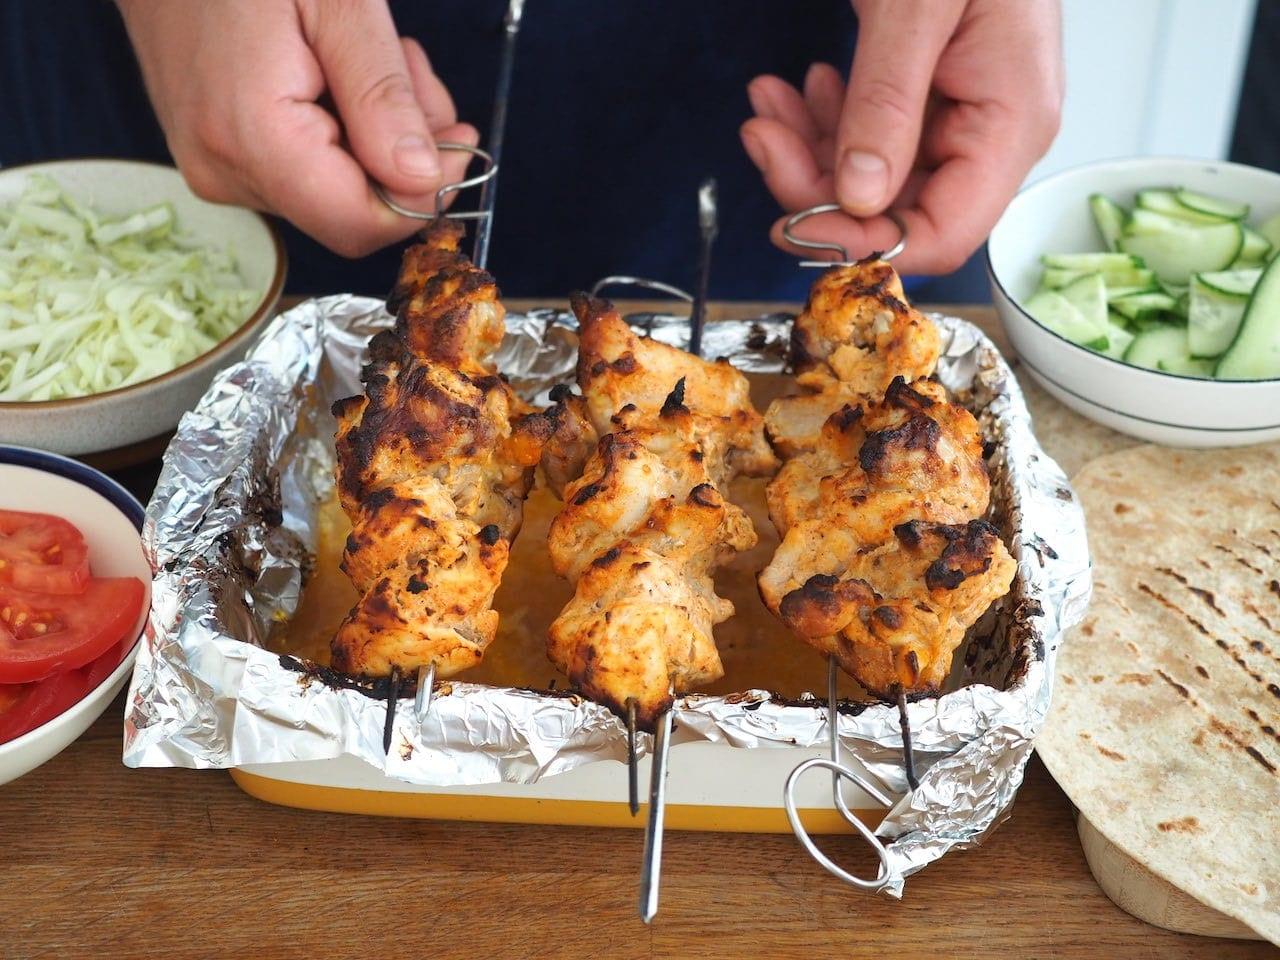 Pieczenie mięsa do kebaba